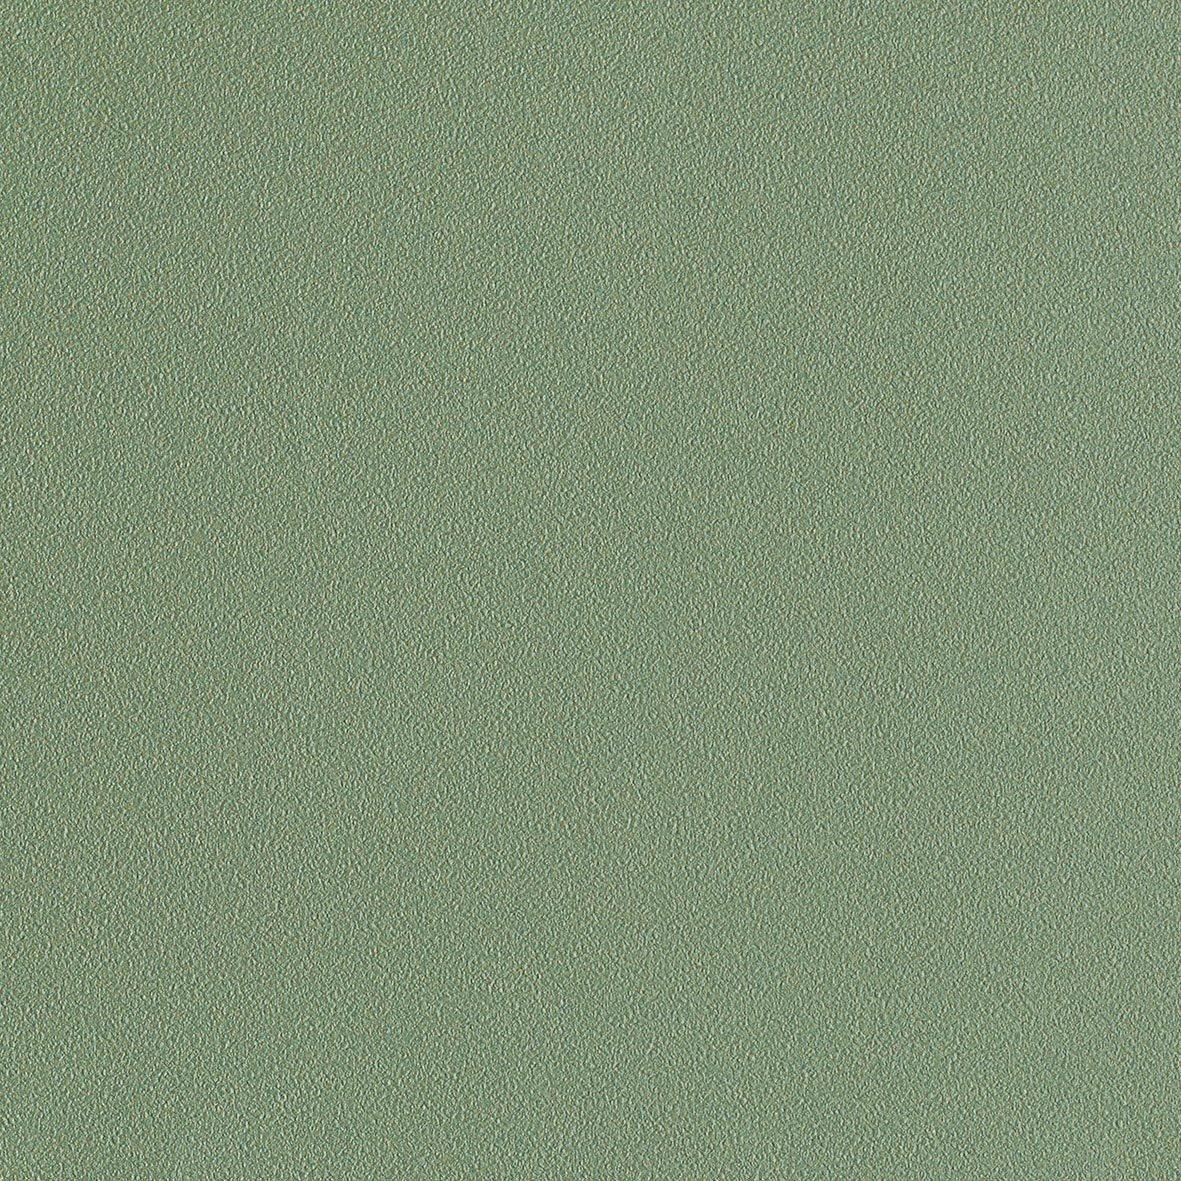 リリカラ 壁紙44m シンフル 石目調 グリーン スーパー強化+汚れ防止 LW-2313 B0761462GN 44m|グリーン2